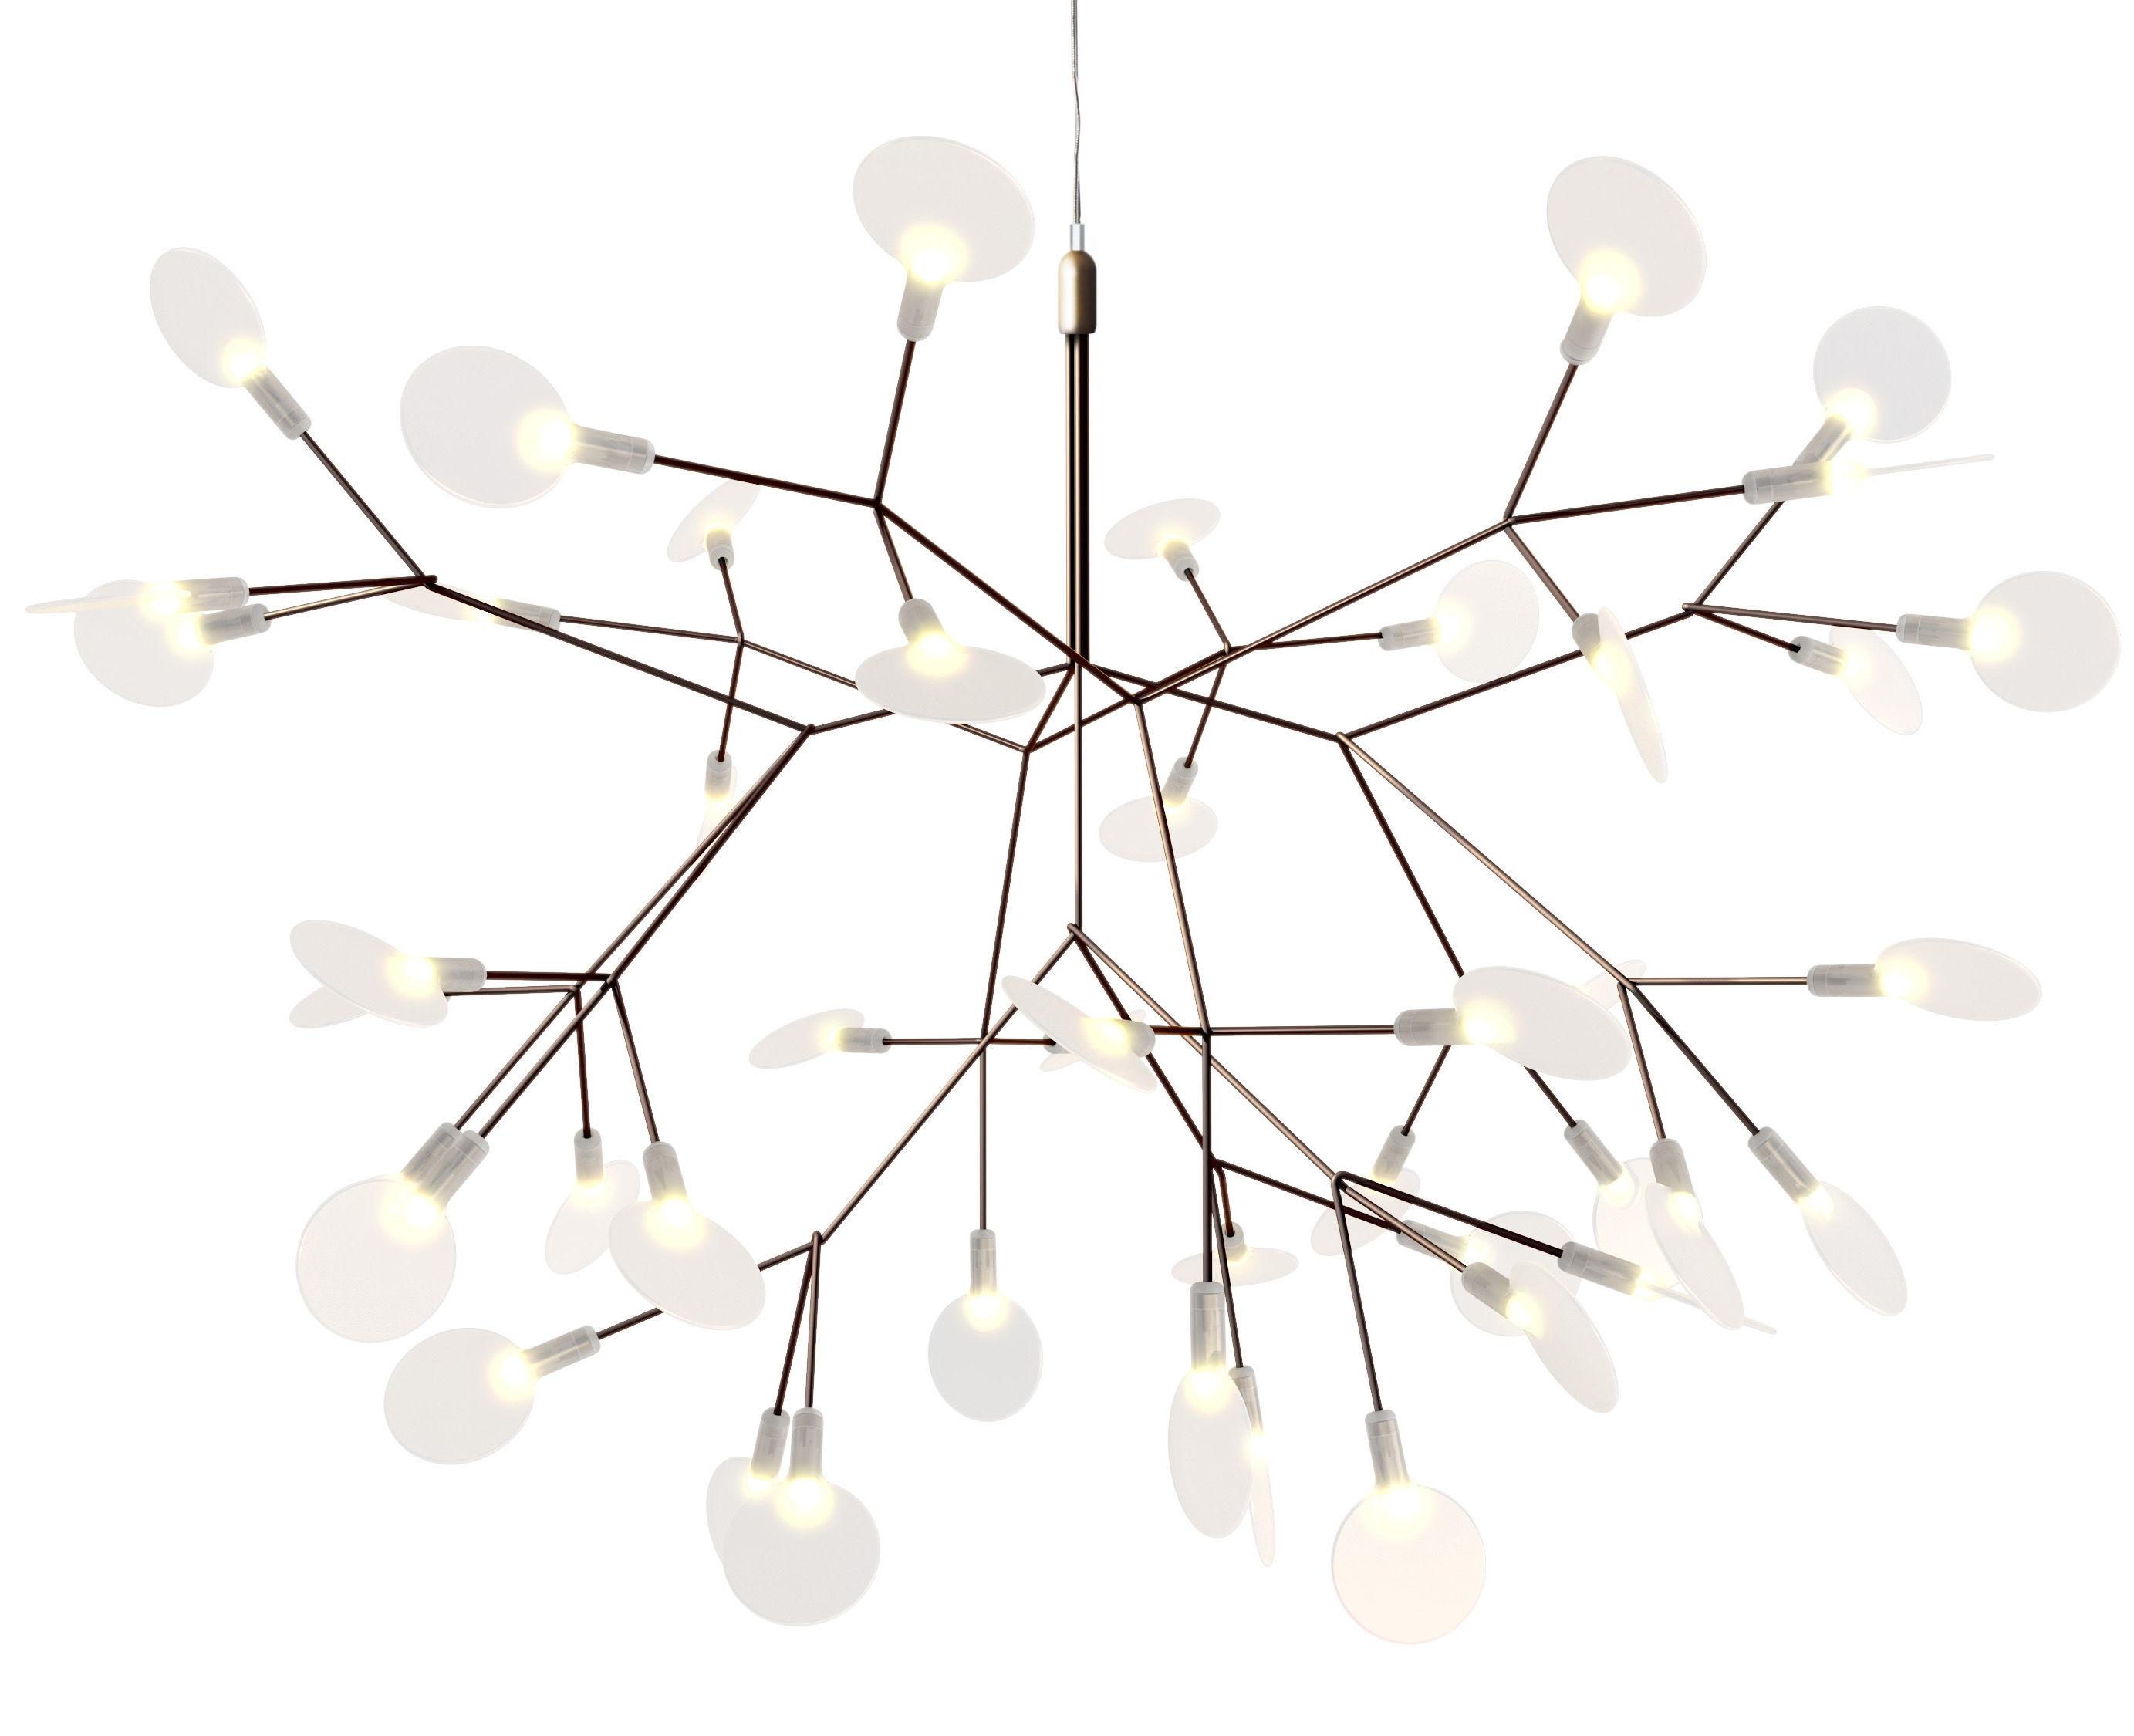 Leuchten - Pendelleuchten - Heracleum II Small Pendelleuchte / Ø 65 cm - Moooi - Kupfer - Metall, Polykarbonat, Stahl